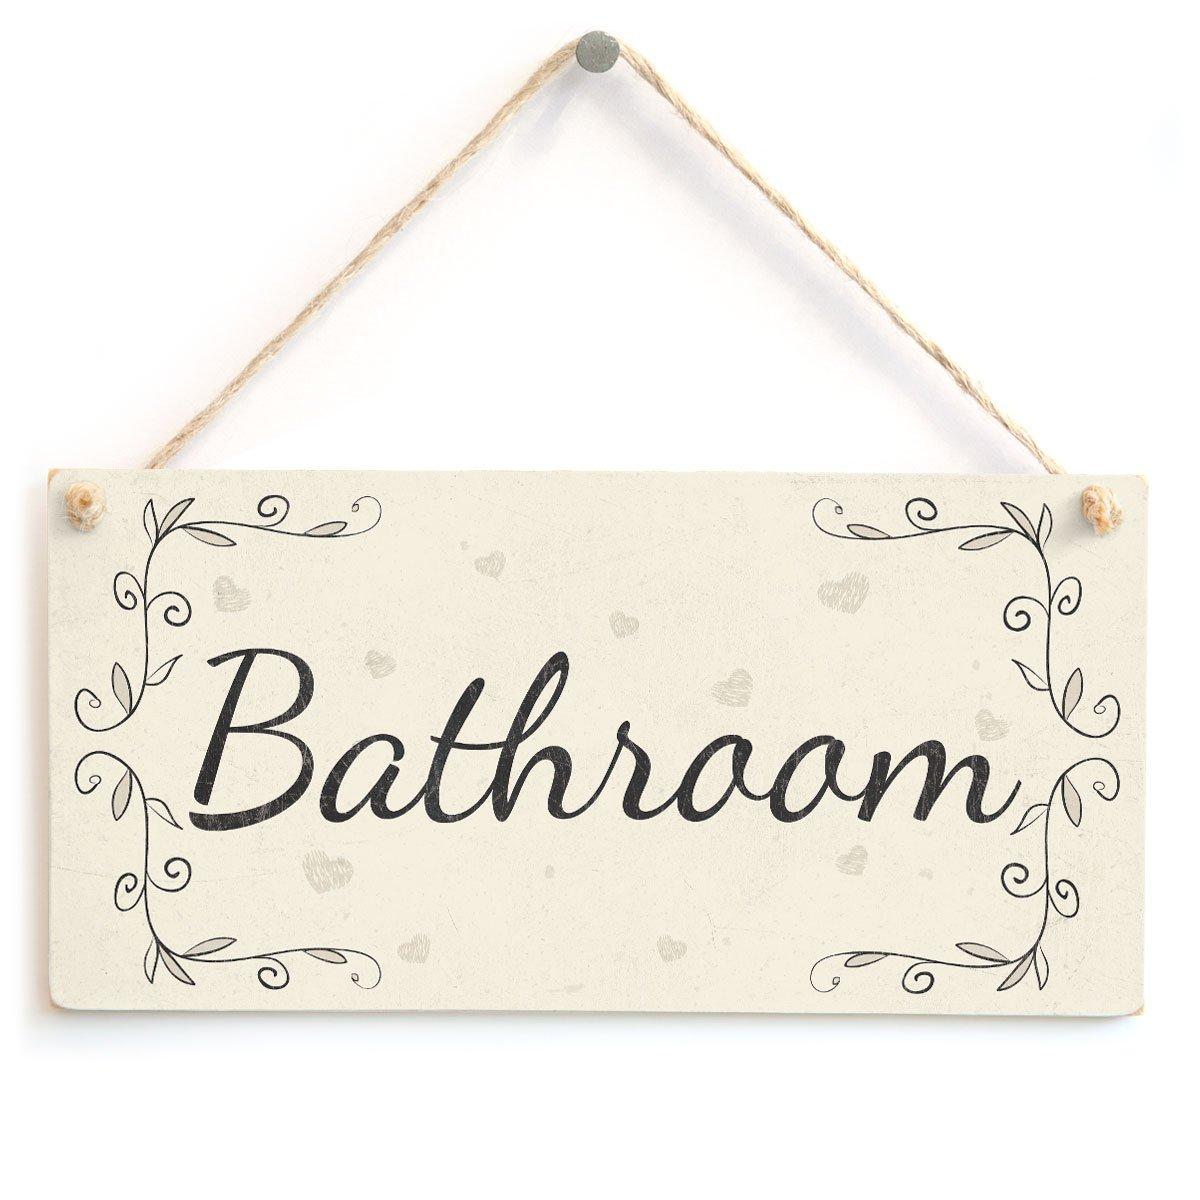 Shower Room Handmade Vintage Home Decor Wooden Door Sign